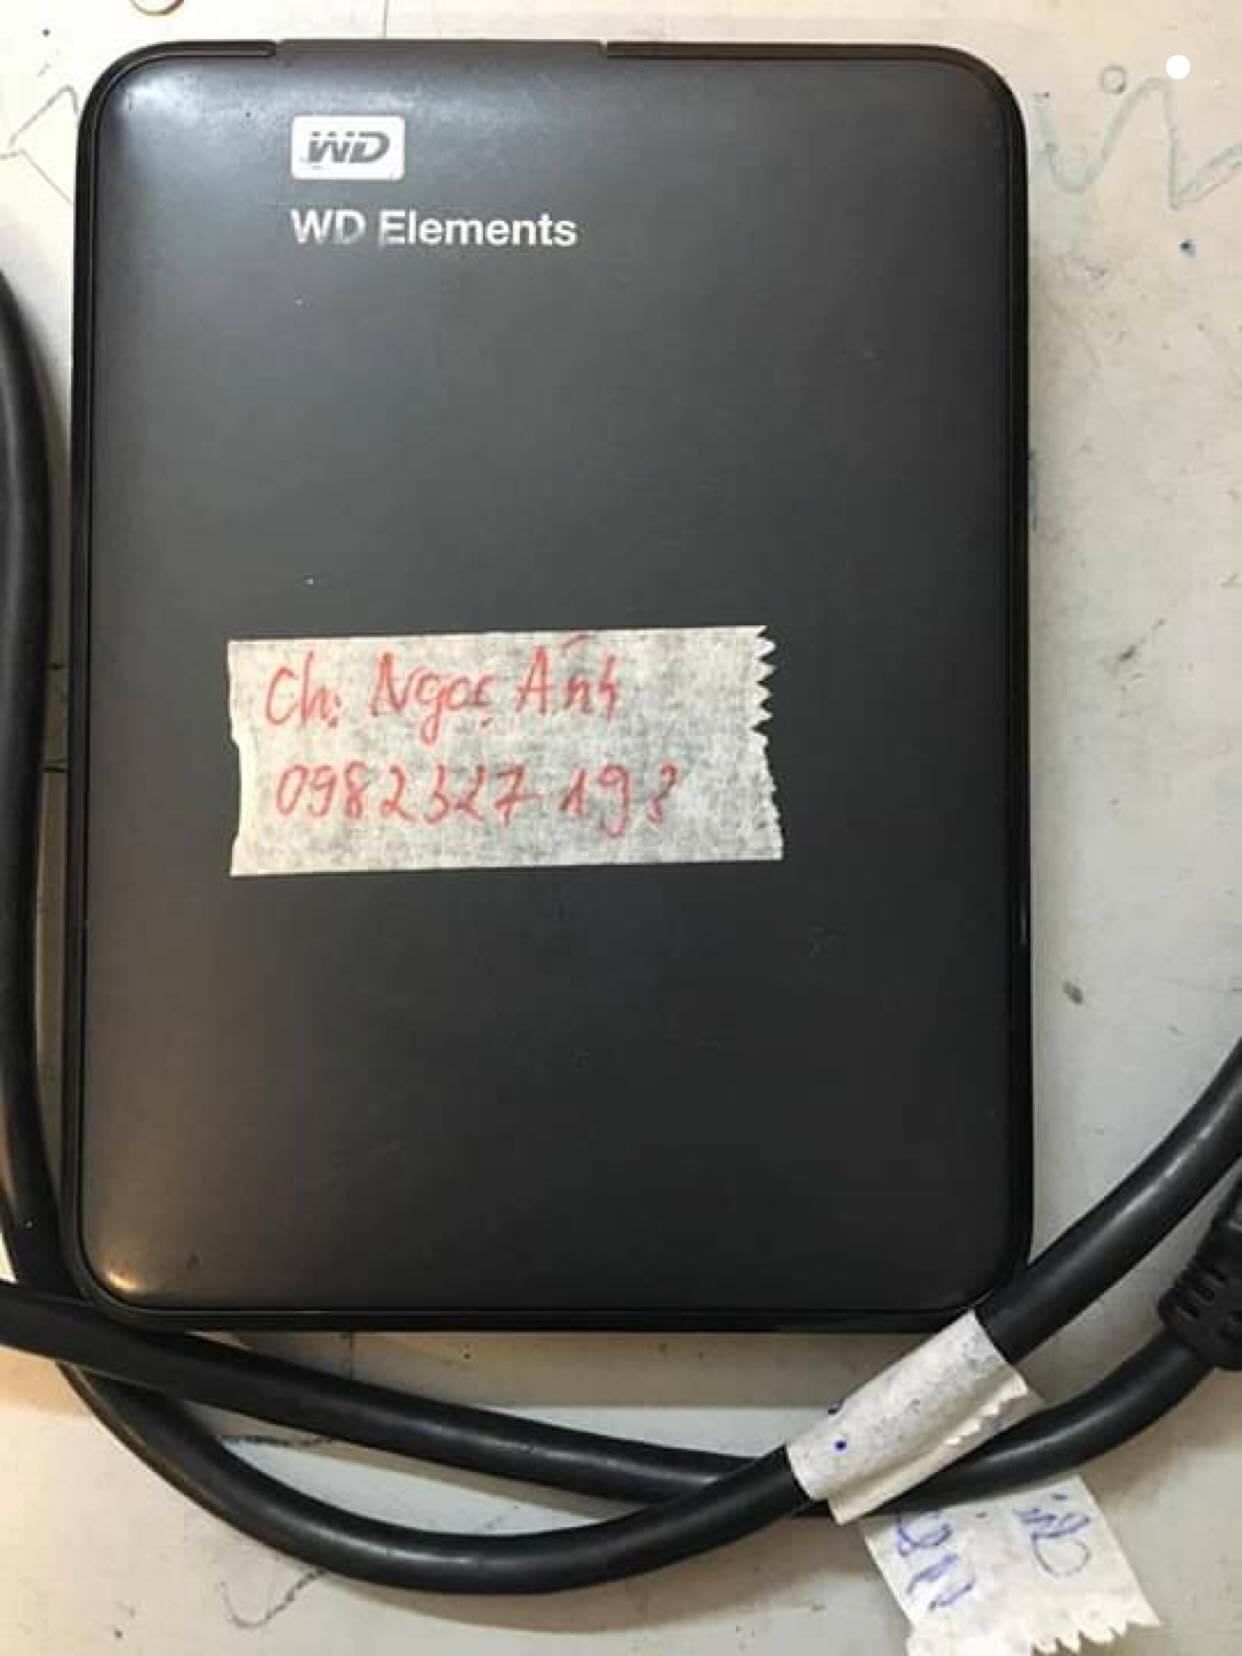 Cứu dữ liệu ổ cứng Western 1TB không nhận 19/01/2019 - cuumaytinh